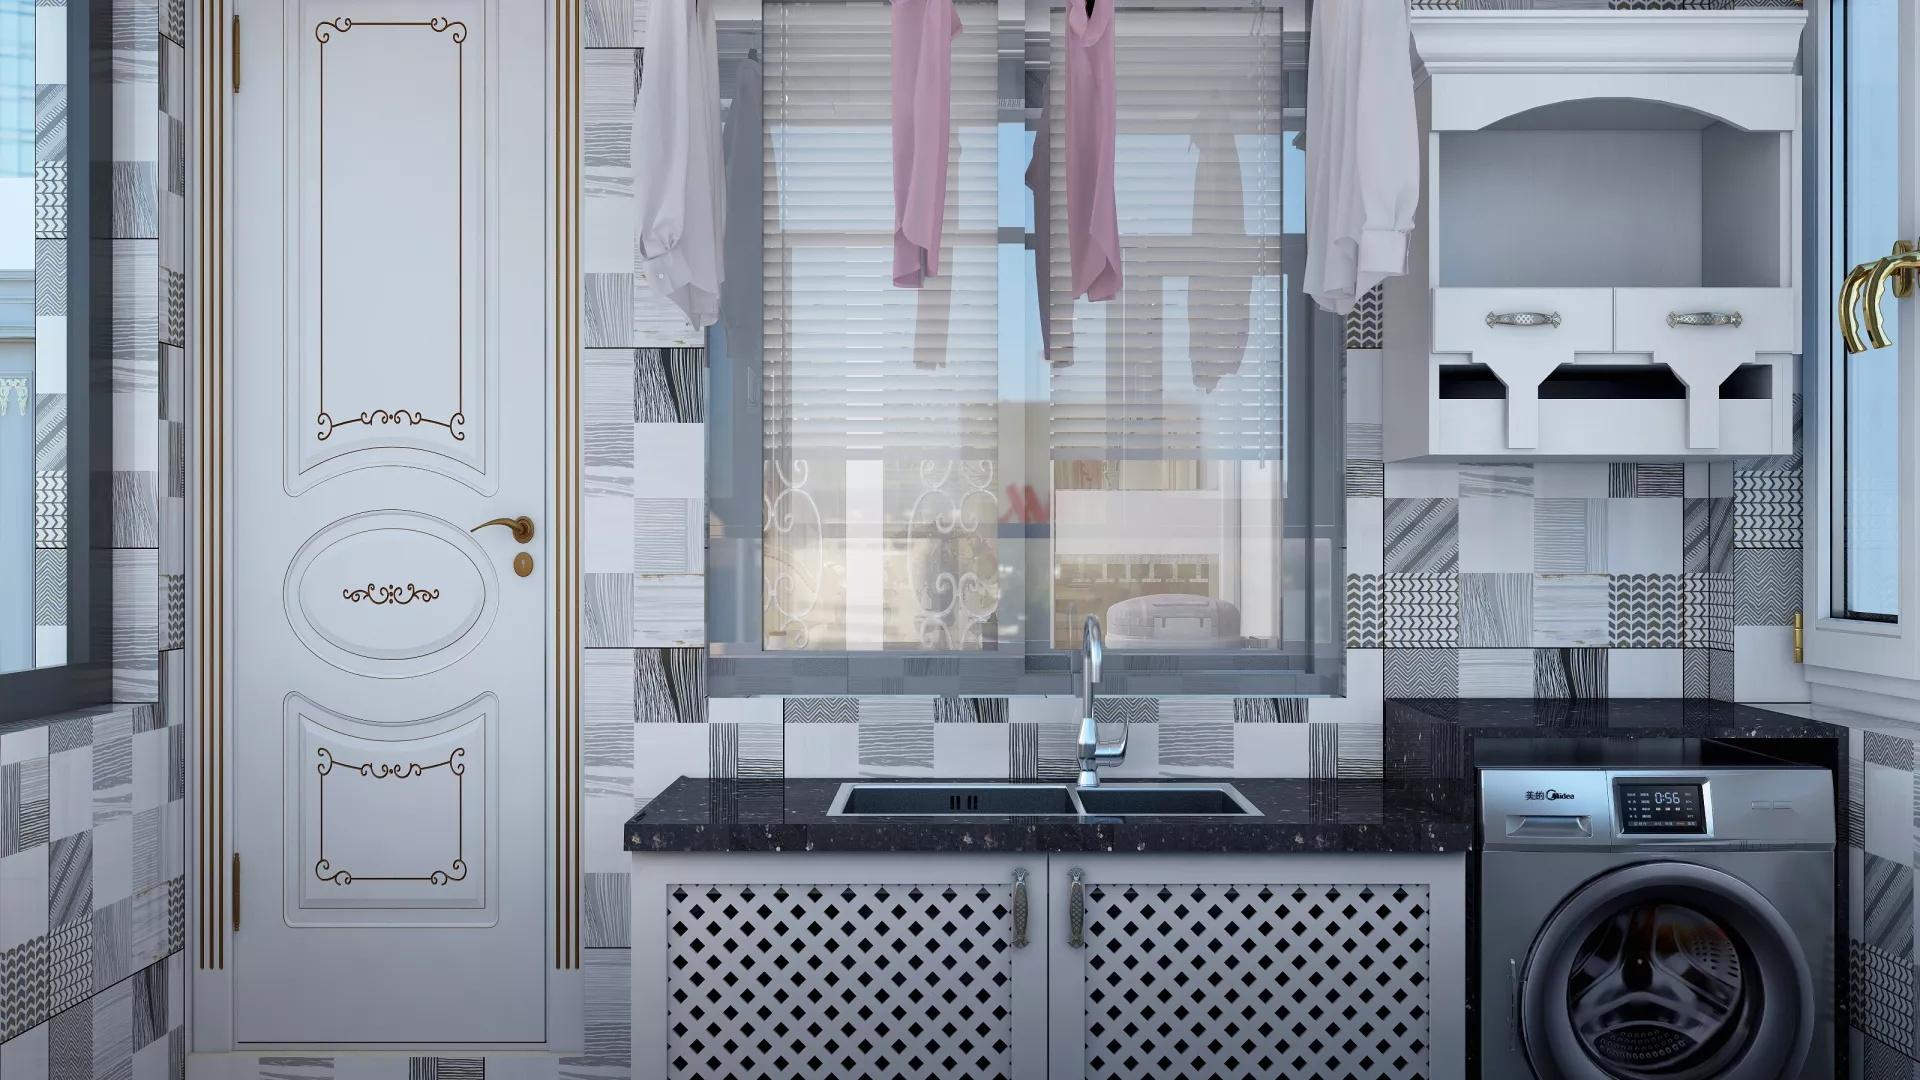 138㎡现代美式简洁硬朗淡雅的客厅装修效果图